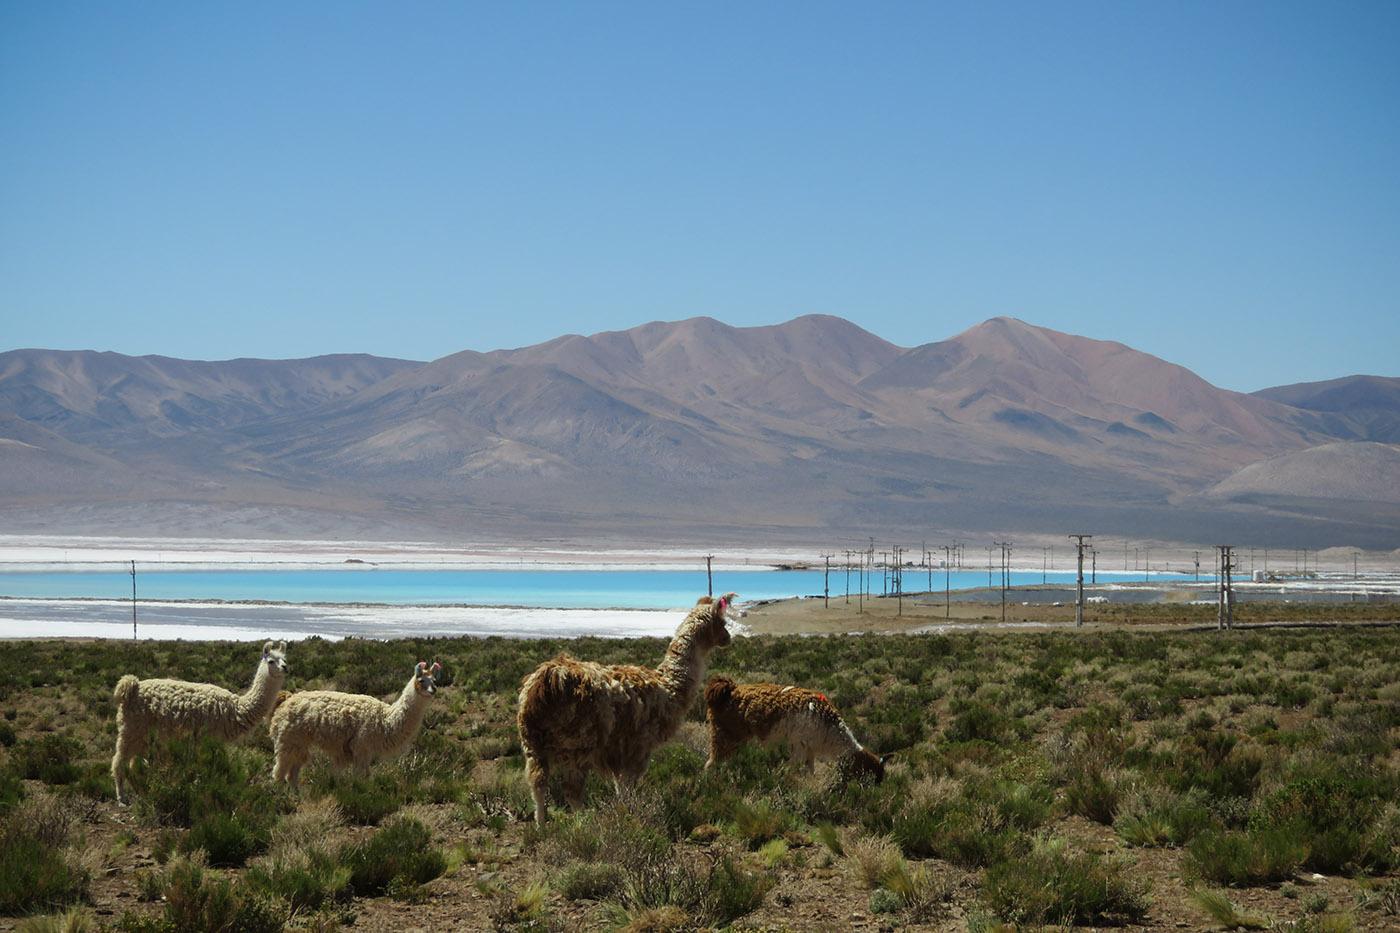 A quelques centaines de mètres de la mine de lithium Sales de Jujuy et du bourdonnement de ses machines, un troupeau de lamas paît, imperturbable. Dans le fond, la concession minière et ses immenses piscines (de 100 à 300 mètres de long) d'évaporation remplies de saumure. (photo Augustin Campos/8e étage)